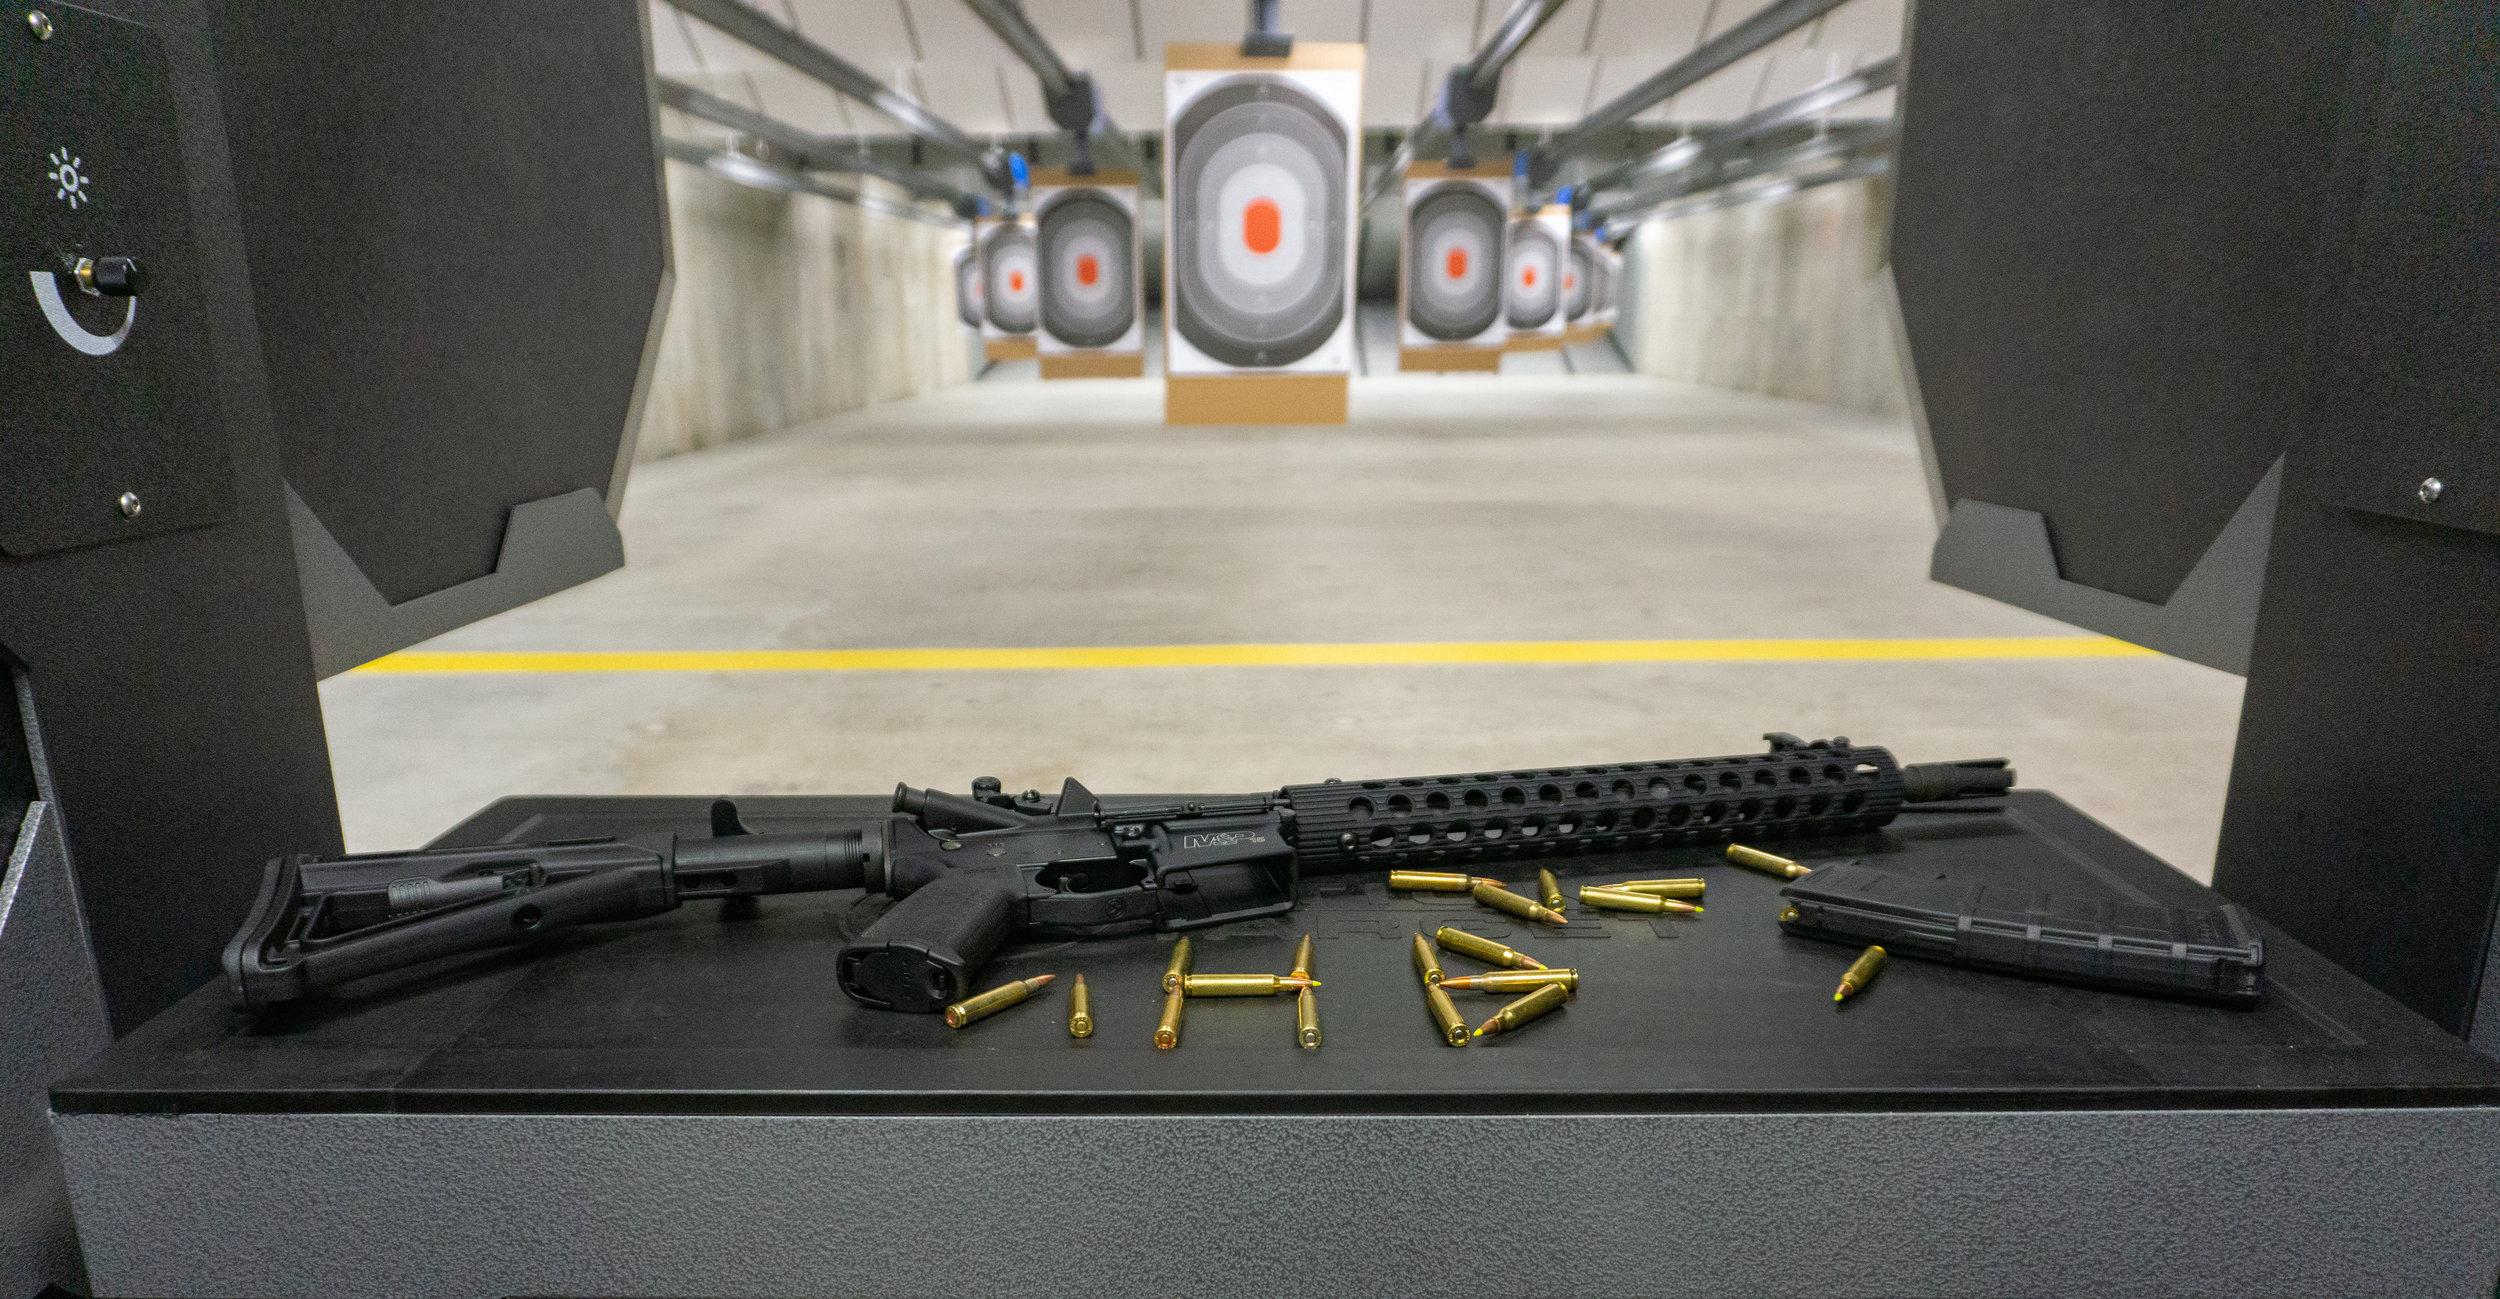 Gun Range Pistol Rental | Hot Brass (Guns Inc.)